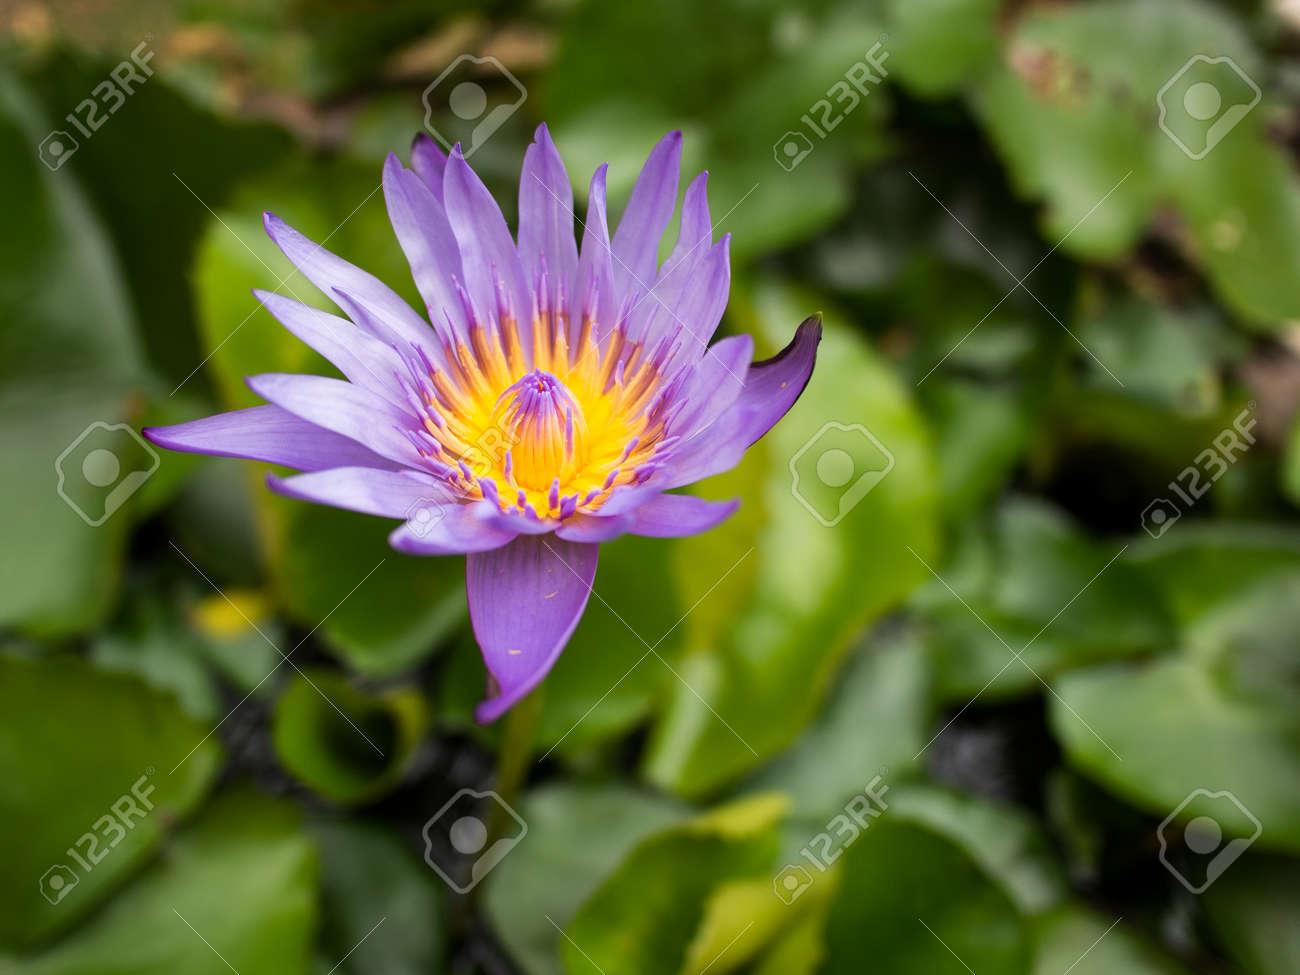 La Imagen De La Flor De Loto Púrpura Fotos Retratos Imágenes Y